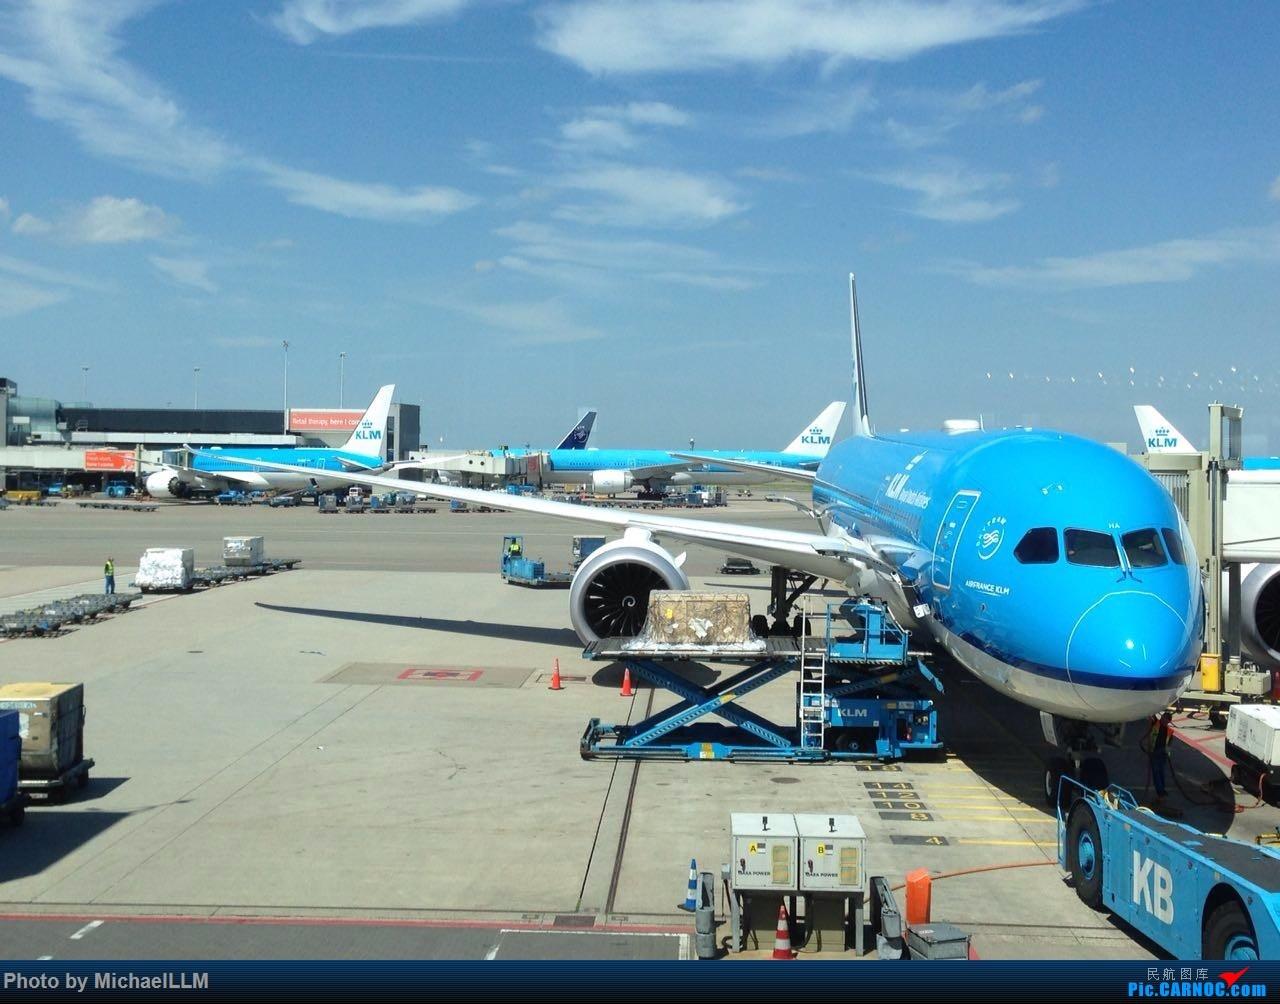 [原创]随手拍几张AMS的KLM(爪机)    荷兰阿姆斯特丹史基浦机场